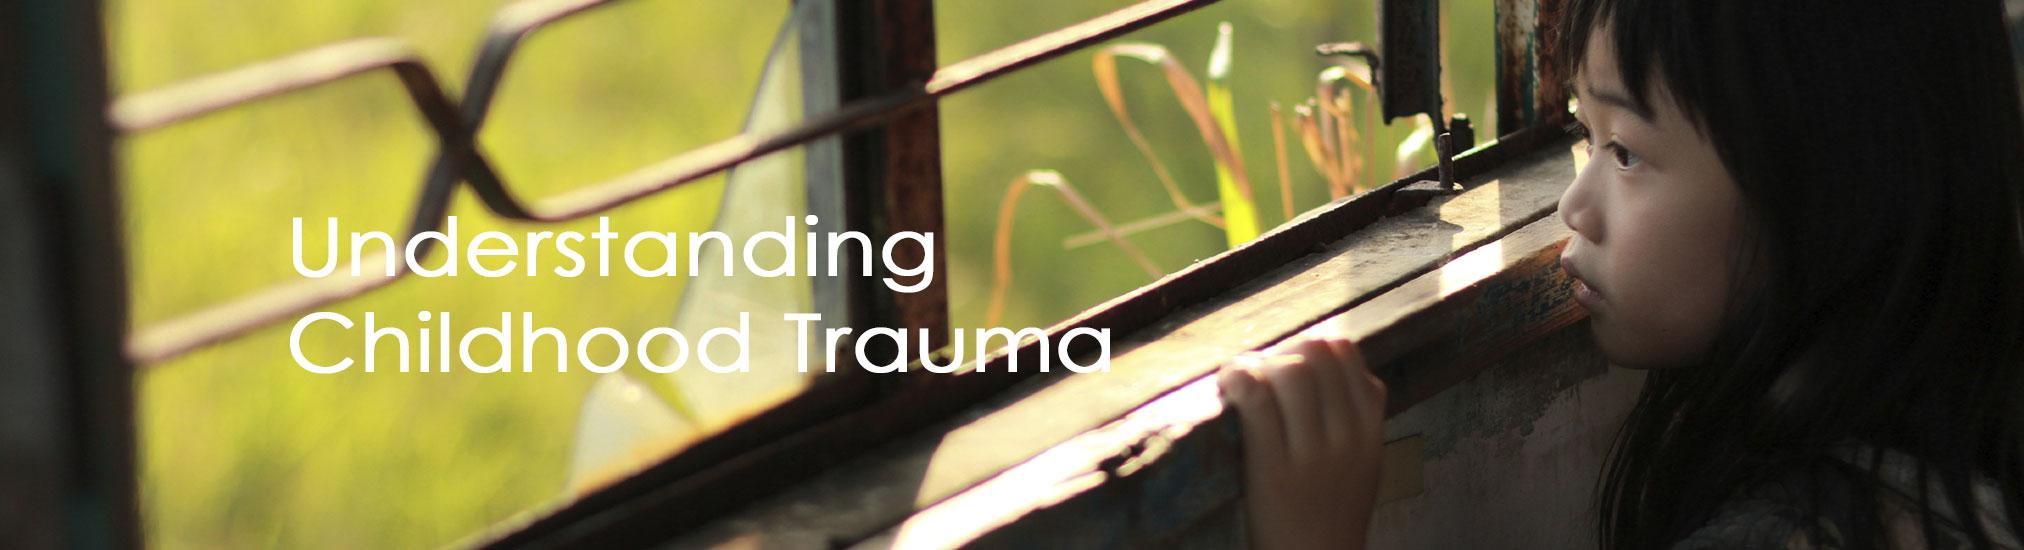 Understanding Childhood Trauma